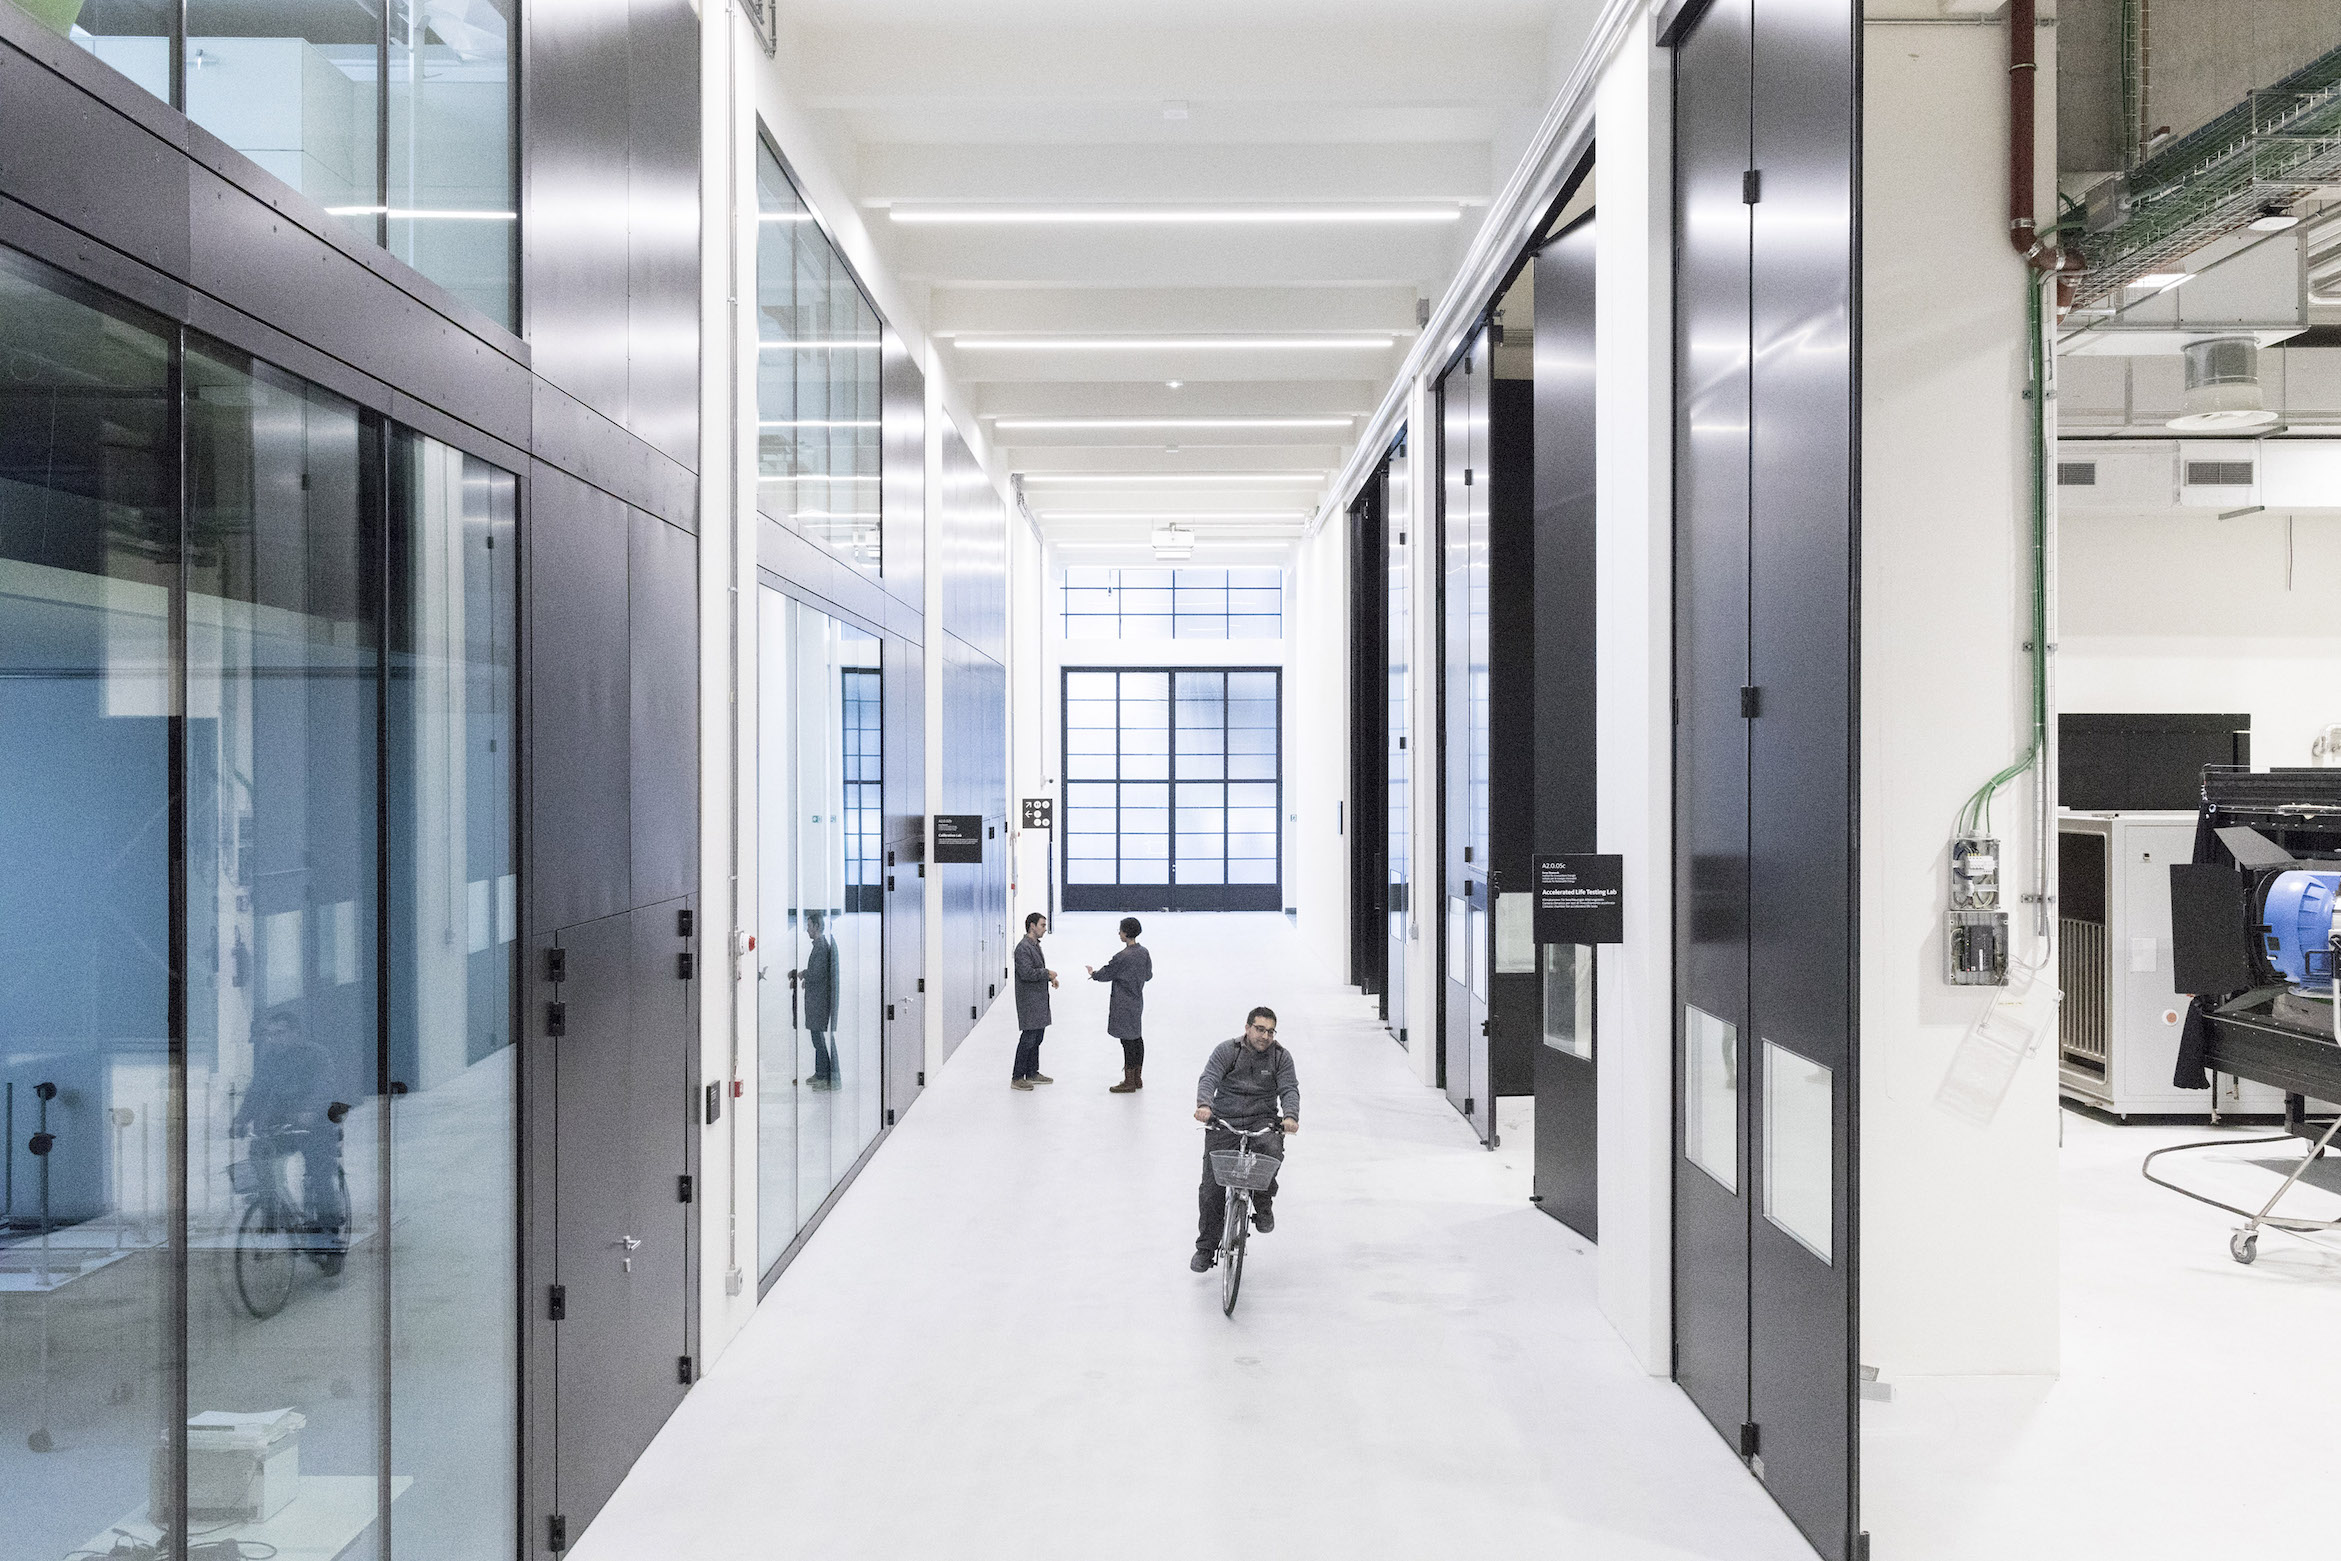 2017, NOI TECHPARK BOLZANO. I laboratori per le energie rinnovabili di Eurac Research, uno dei principali istituti di ricerca che è entrato a far parte della rete del NOI. Infrastrutture d'avanguardia, come la camera che simula tutti i climi della Terra o le riproduzioni realistiche di sistemi edilizi. © FABRIZIOGIRALDI